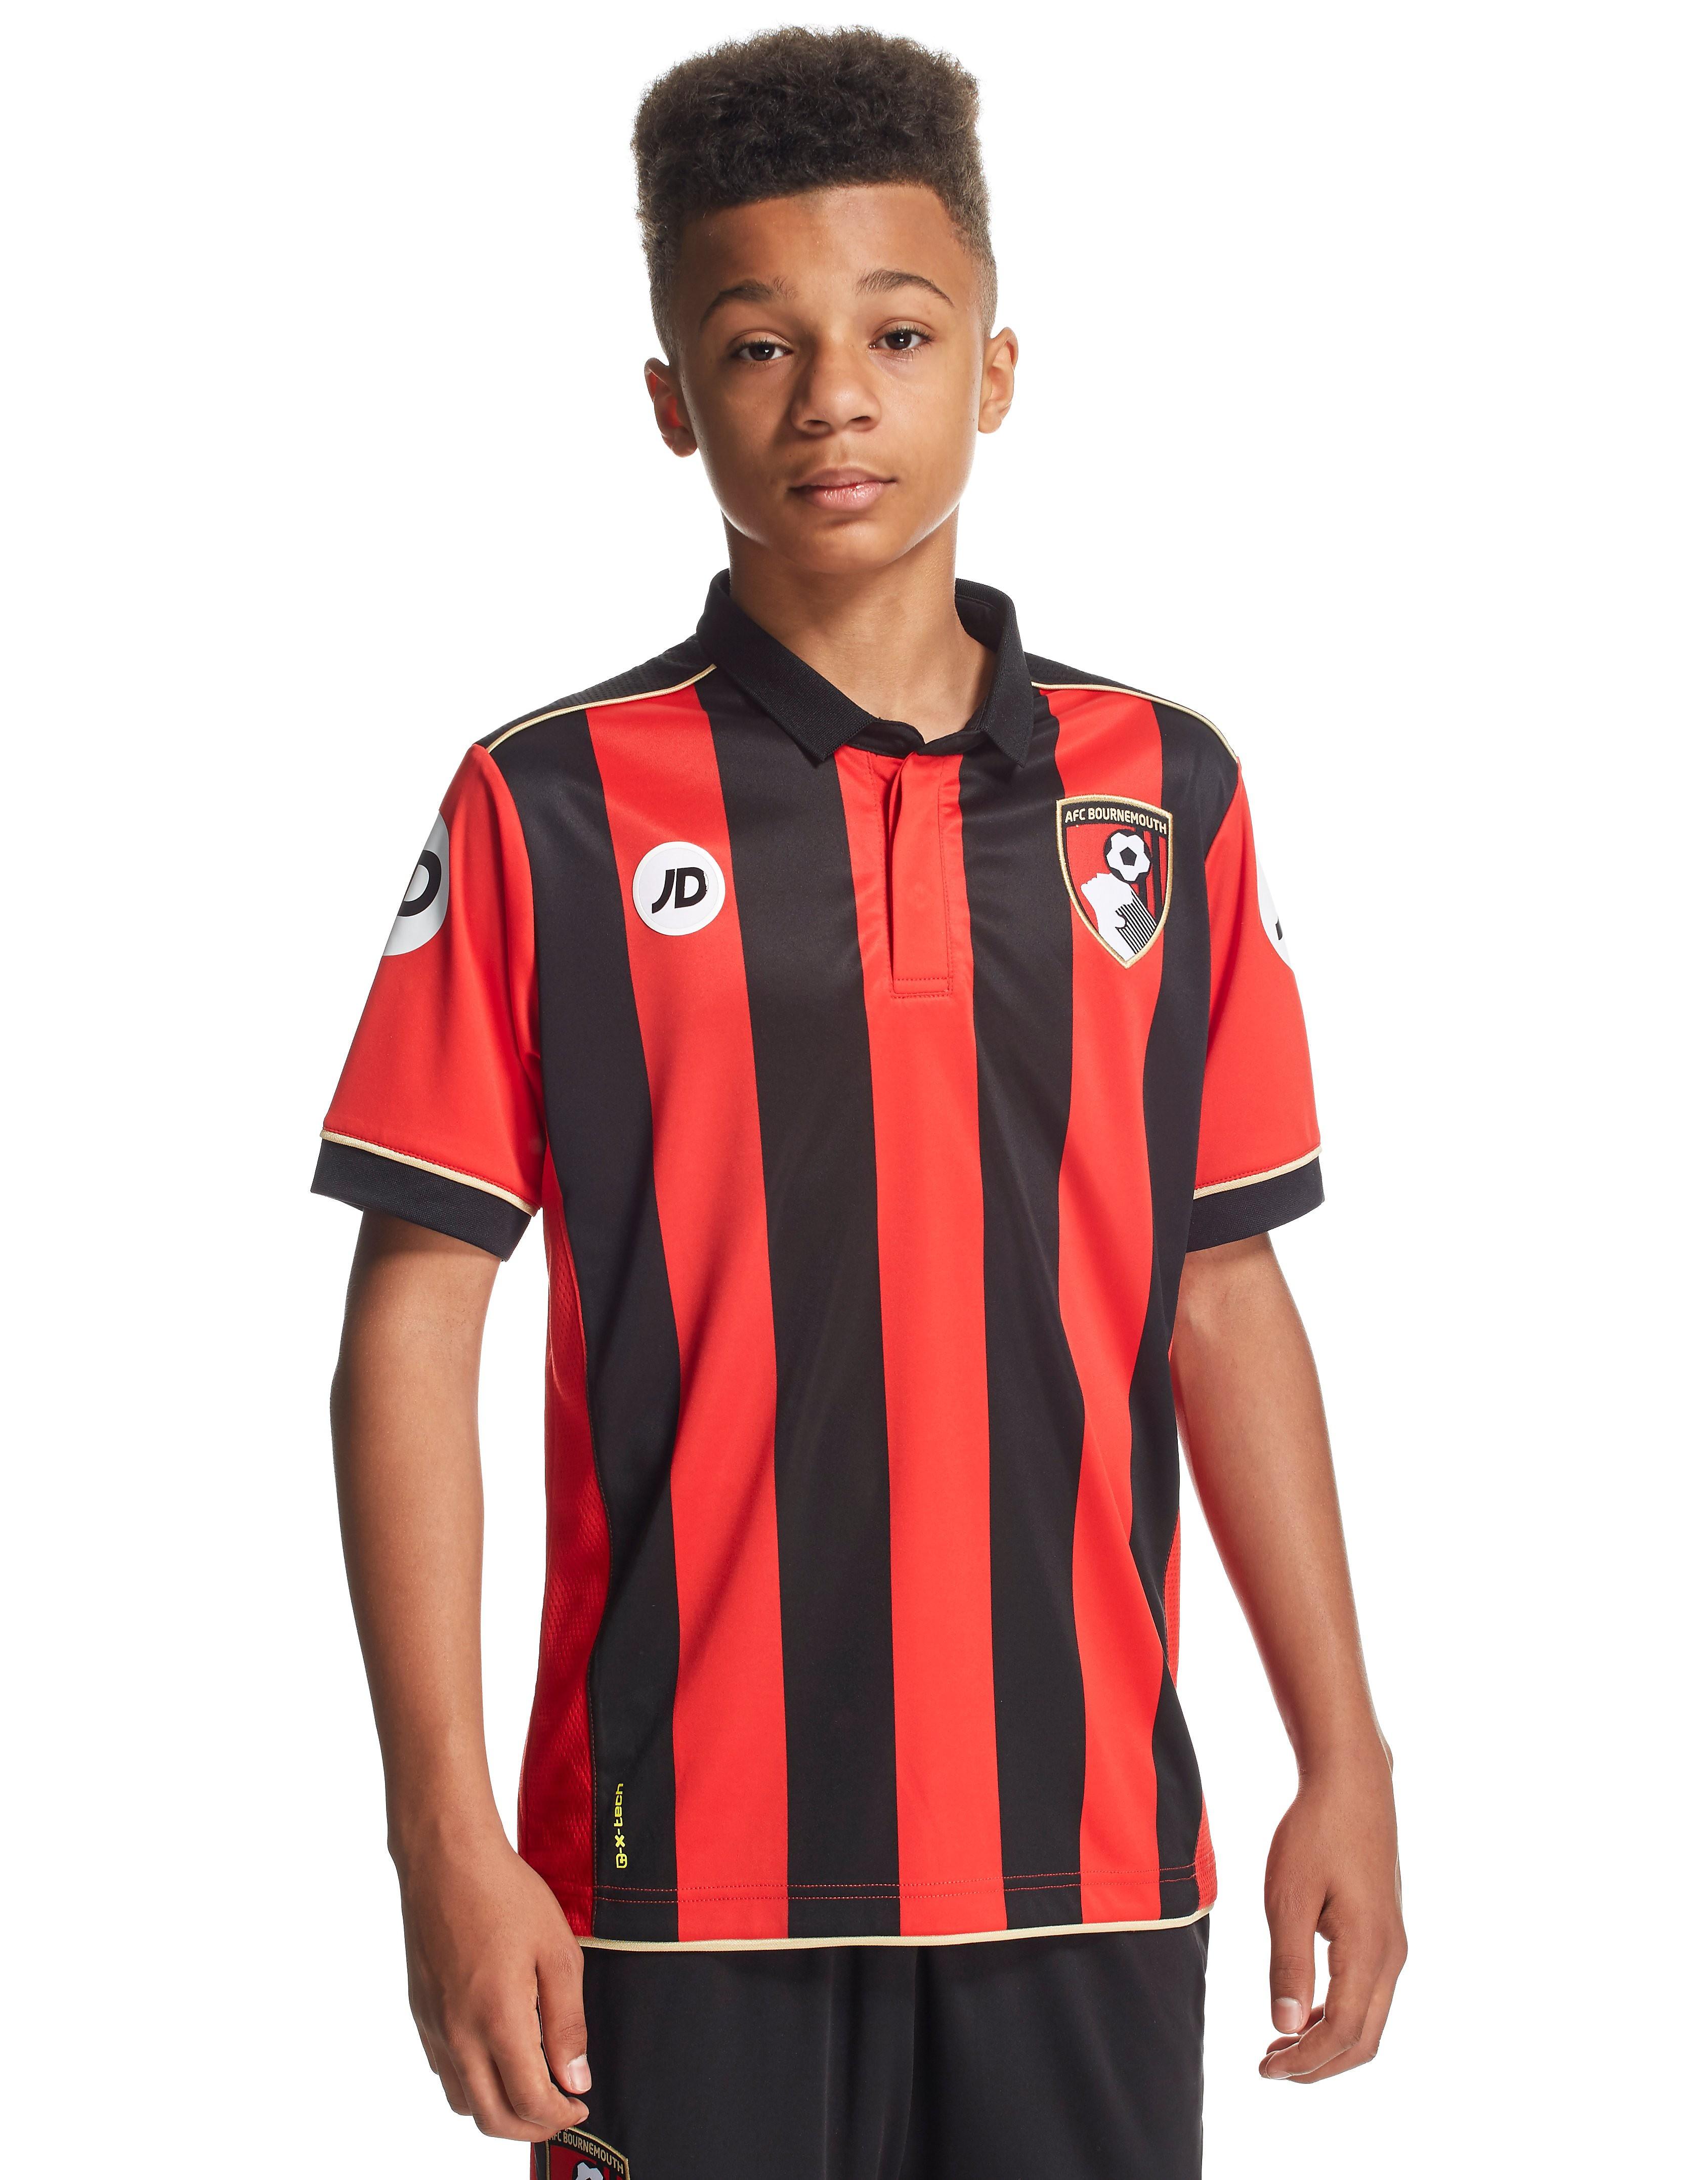 JD AFC Bournemouth 2016/17 Home Shirt Junior